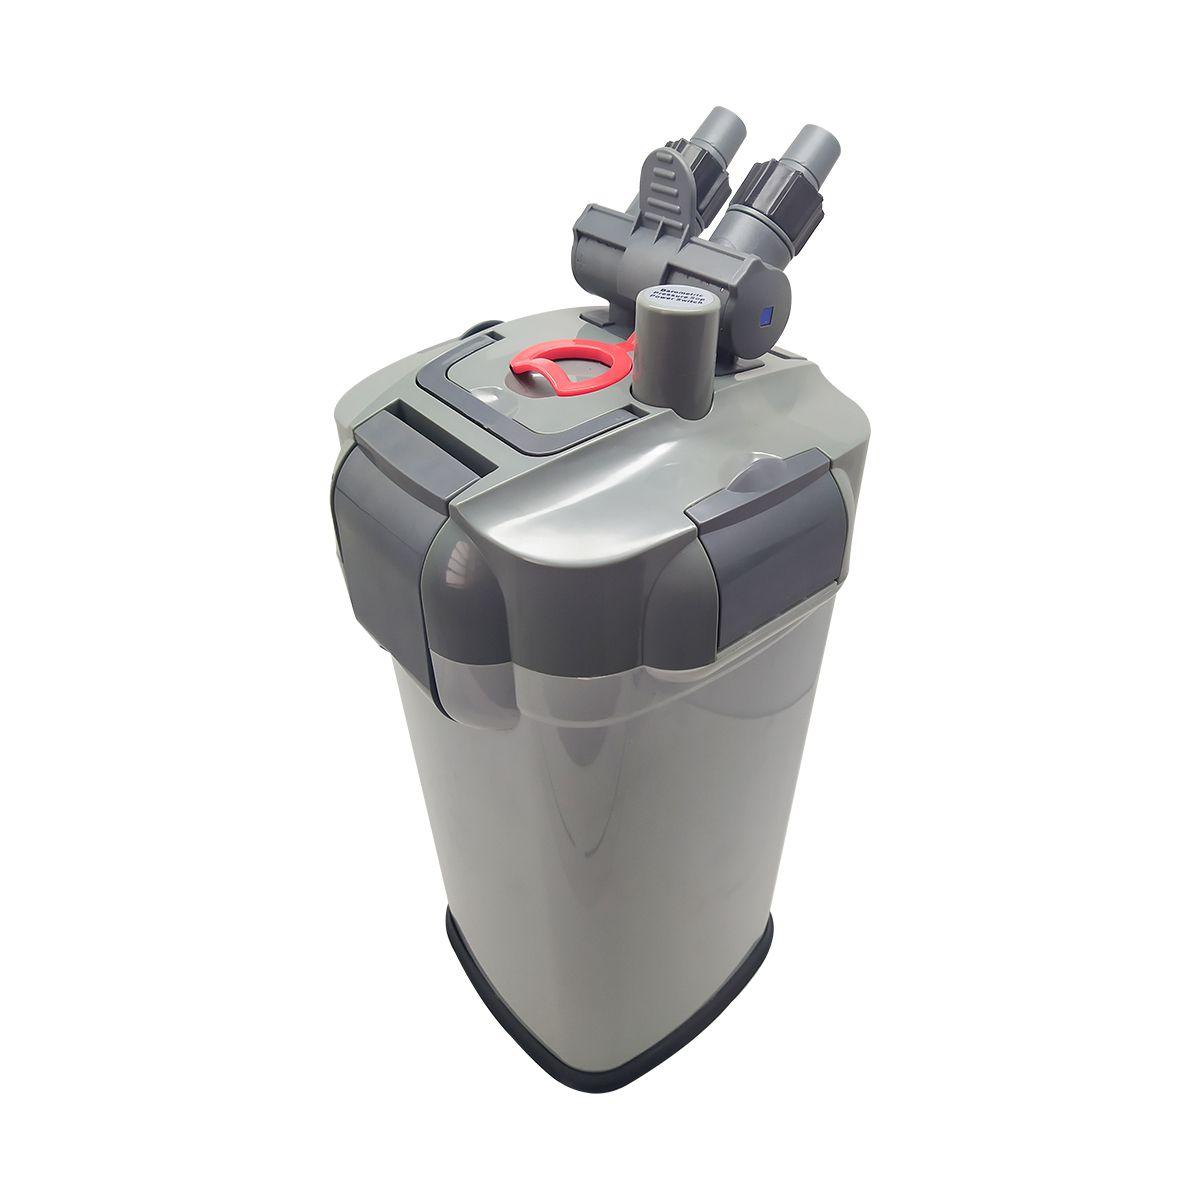 Filtro Hopar Canister C/ Uv 3328 2200l/h 9w 110v + Brinde